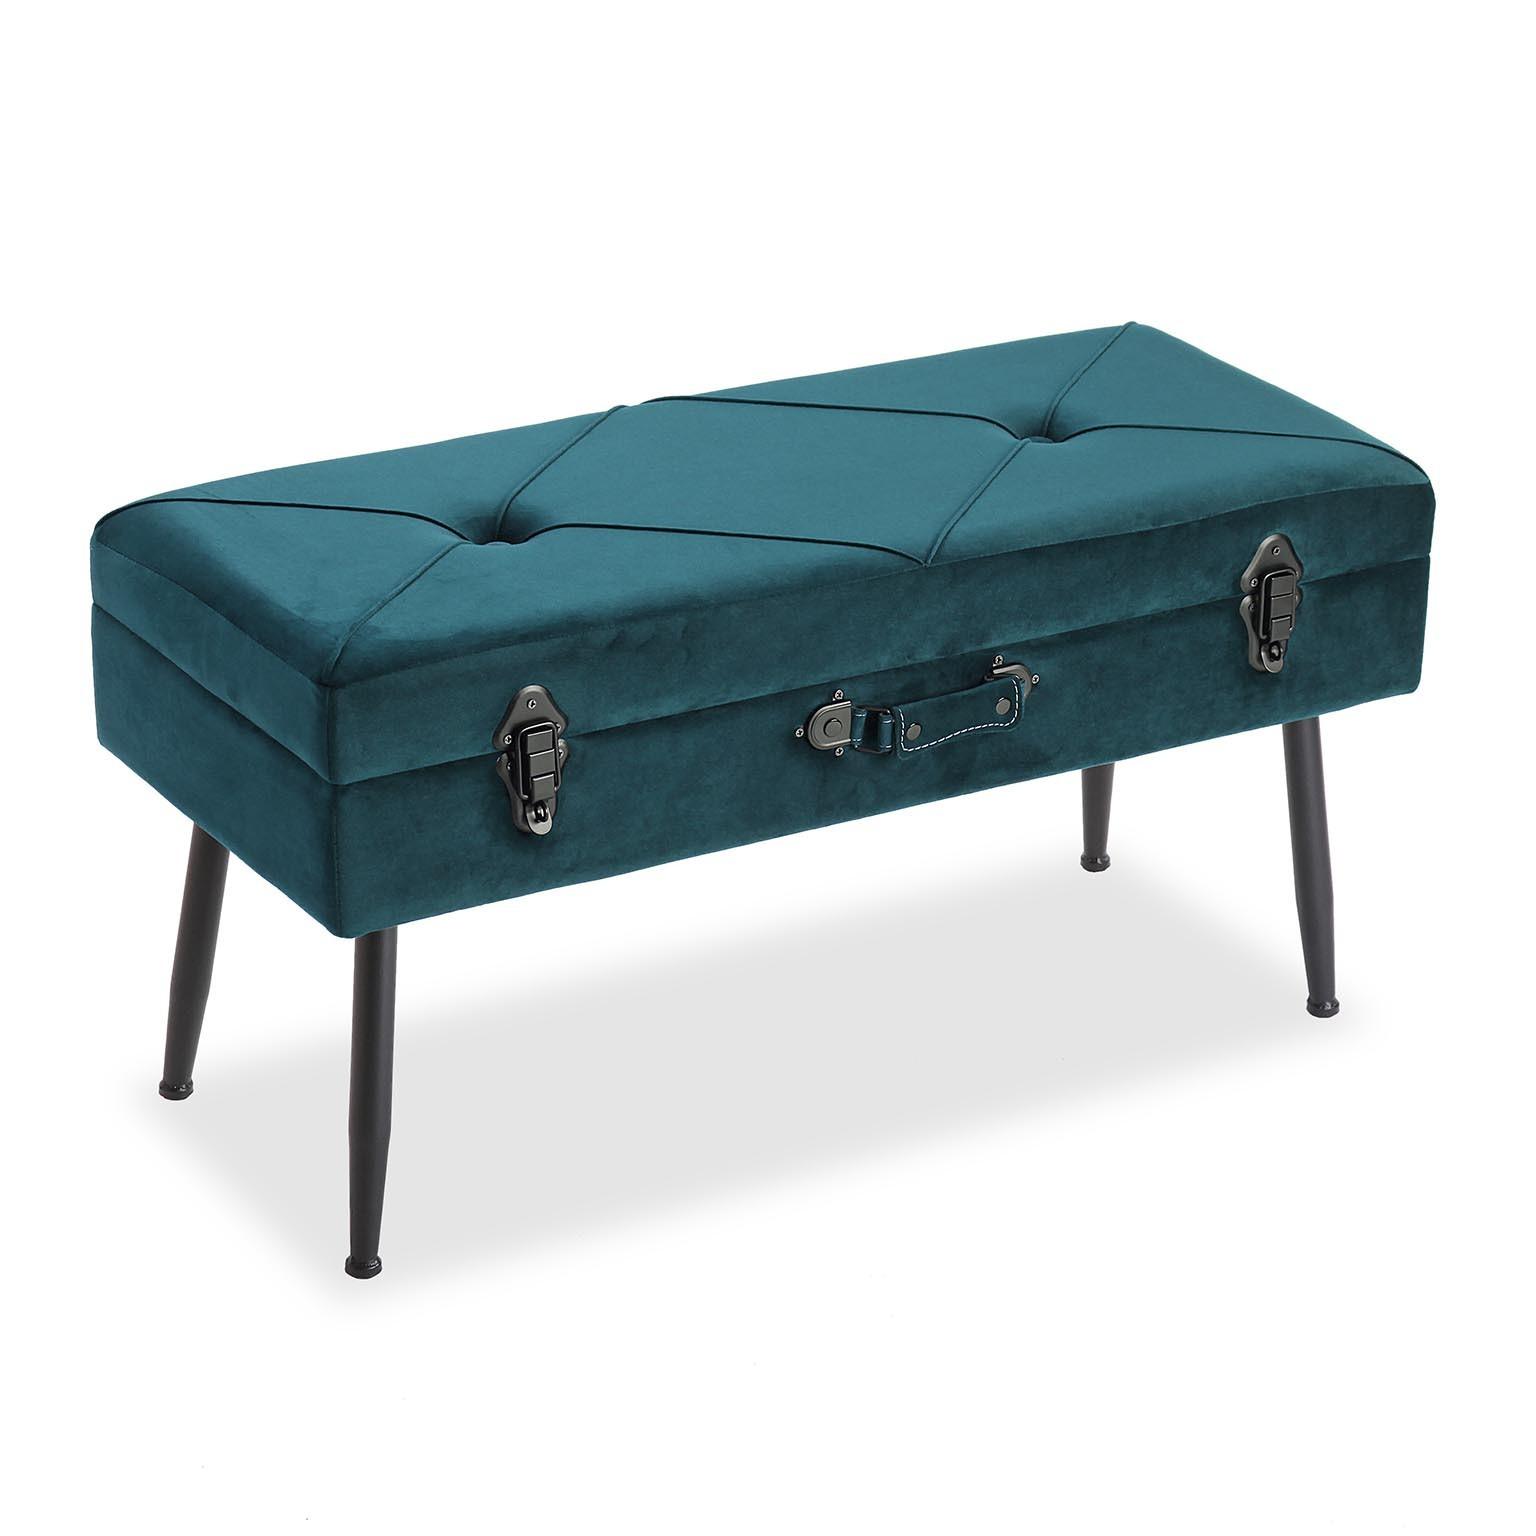 31903-banqueta-baul-azul-turquesa.jpg